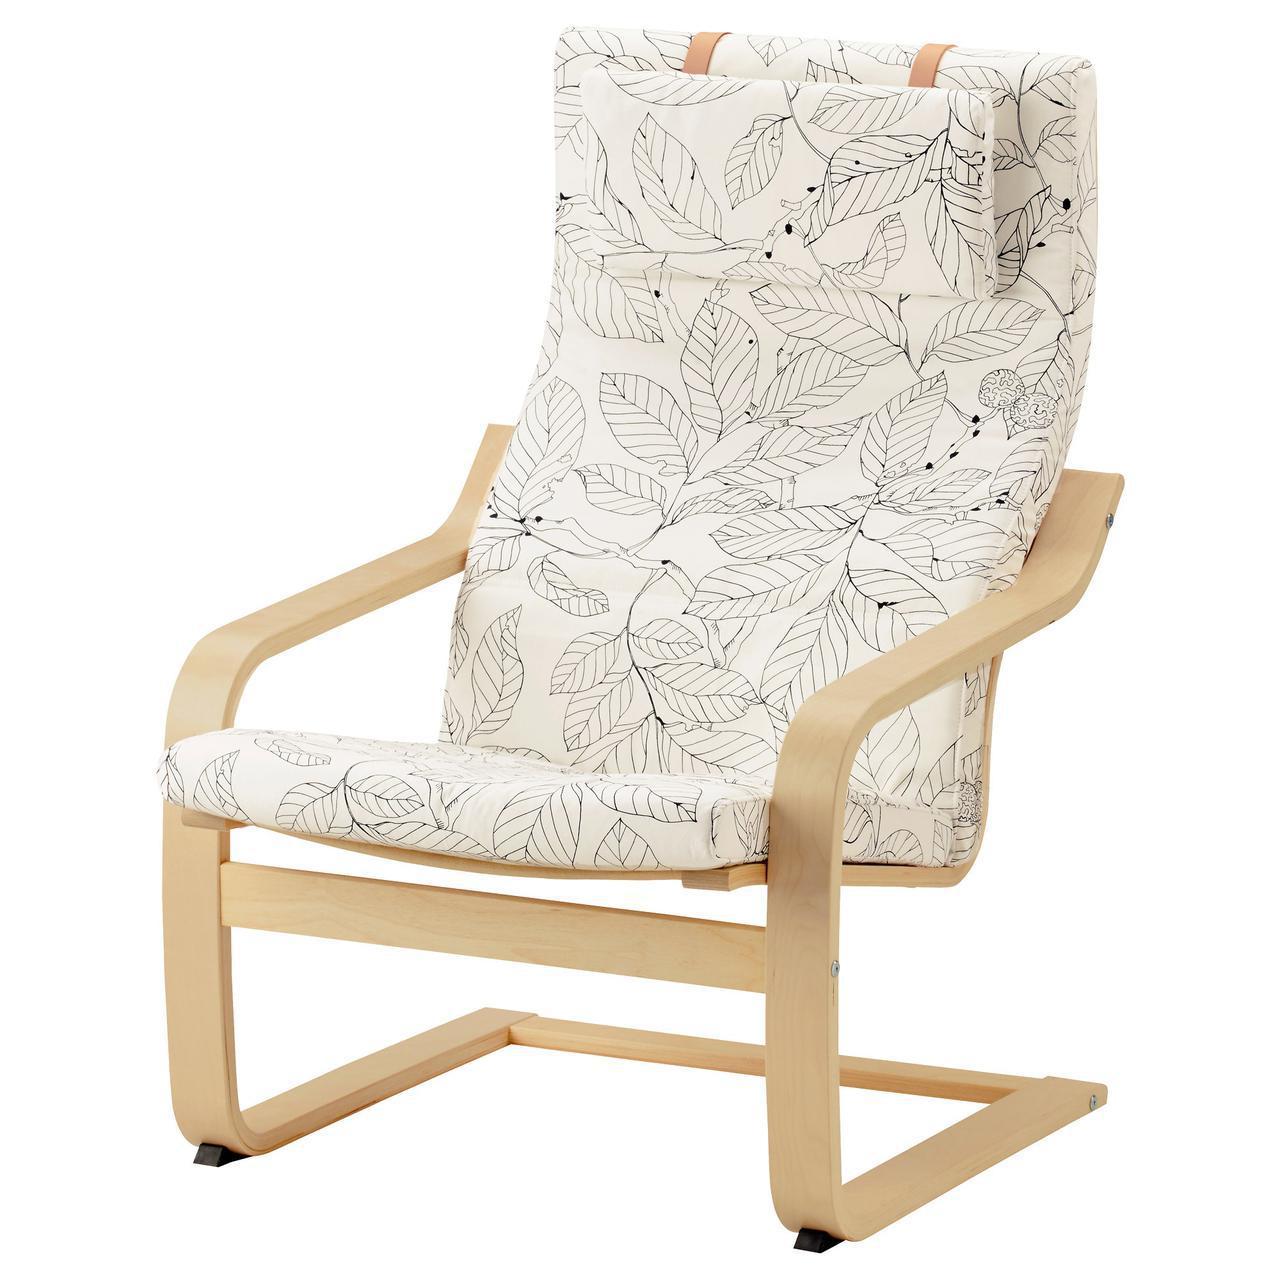 IKEA POANG (892.866.31) ПОЭНГ Кресло, шпон дуба, беленый / Висланда черный / белый